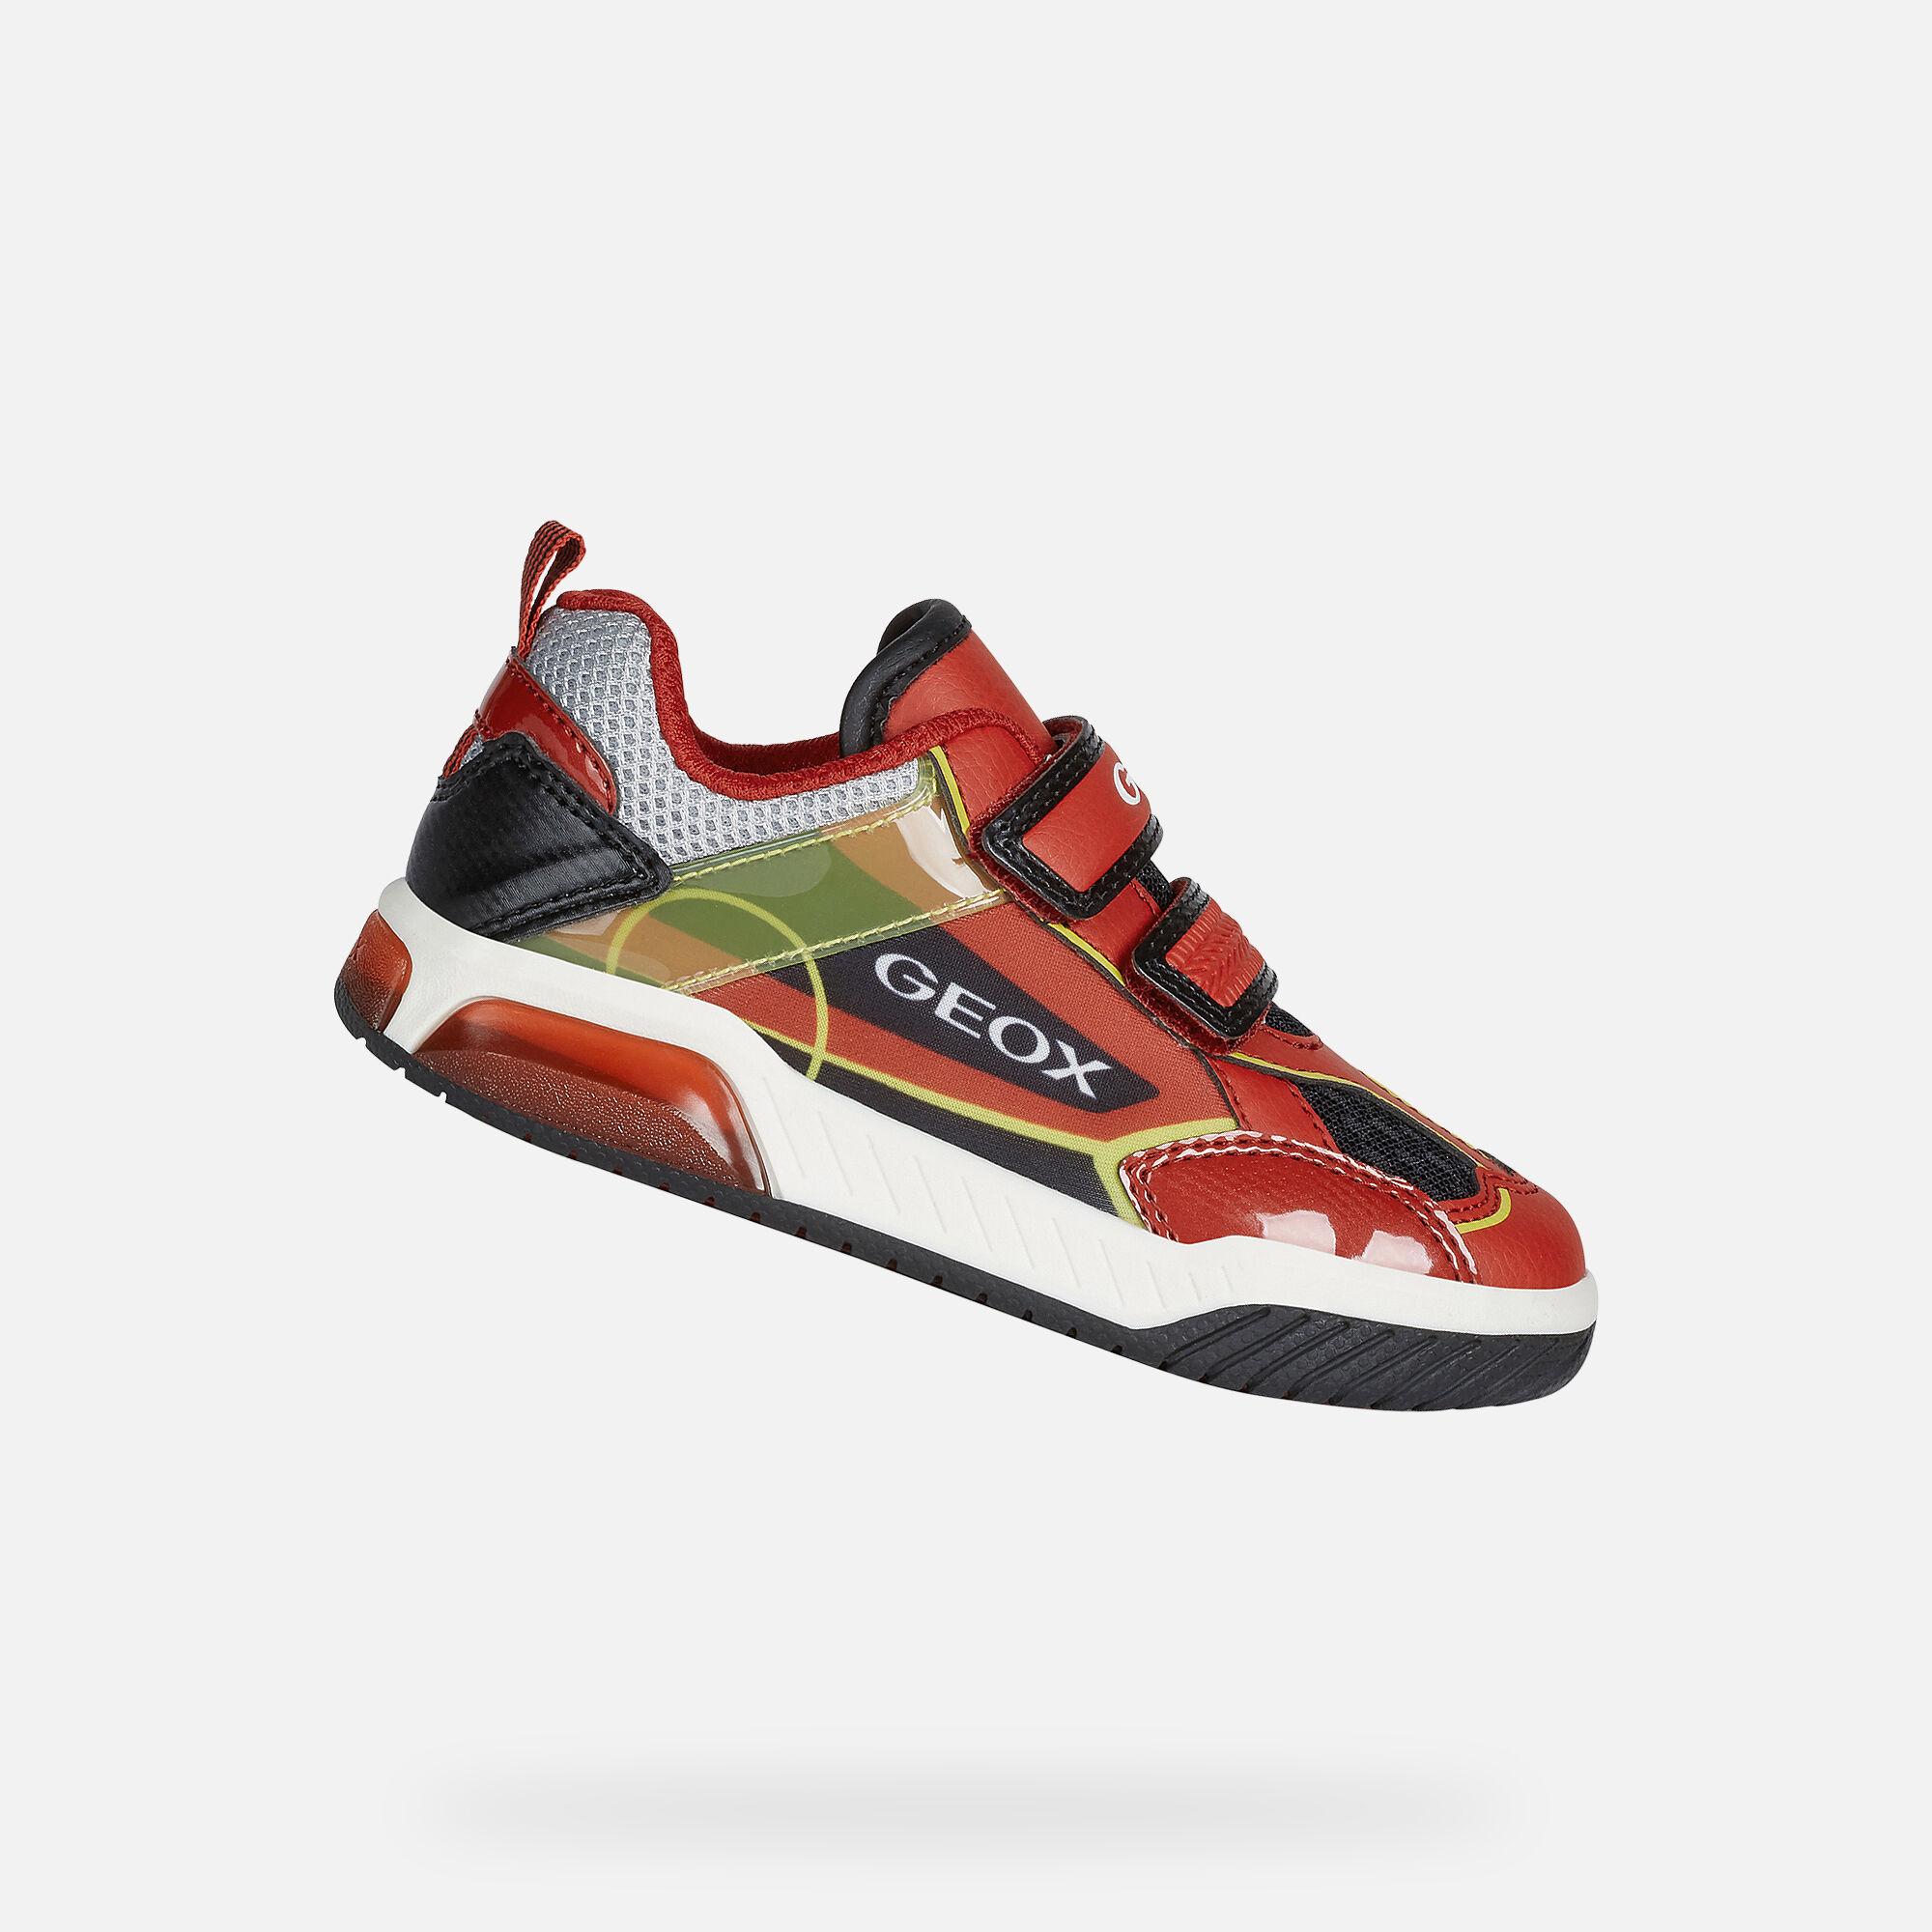 Geox INEK Niño: Sneakers Rojos   Geox ®